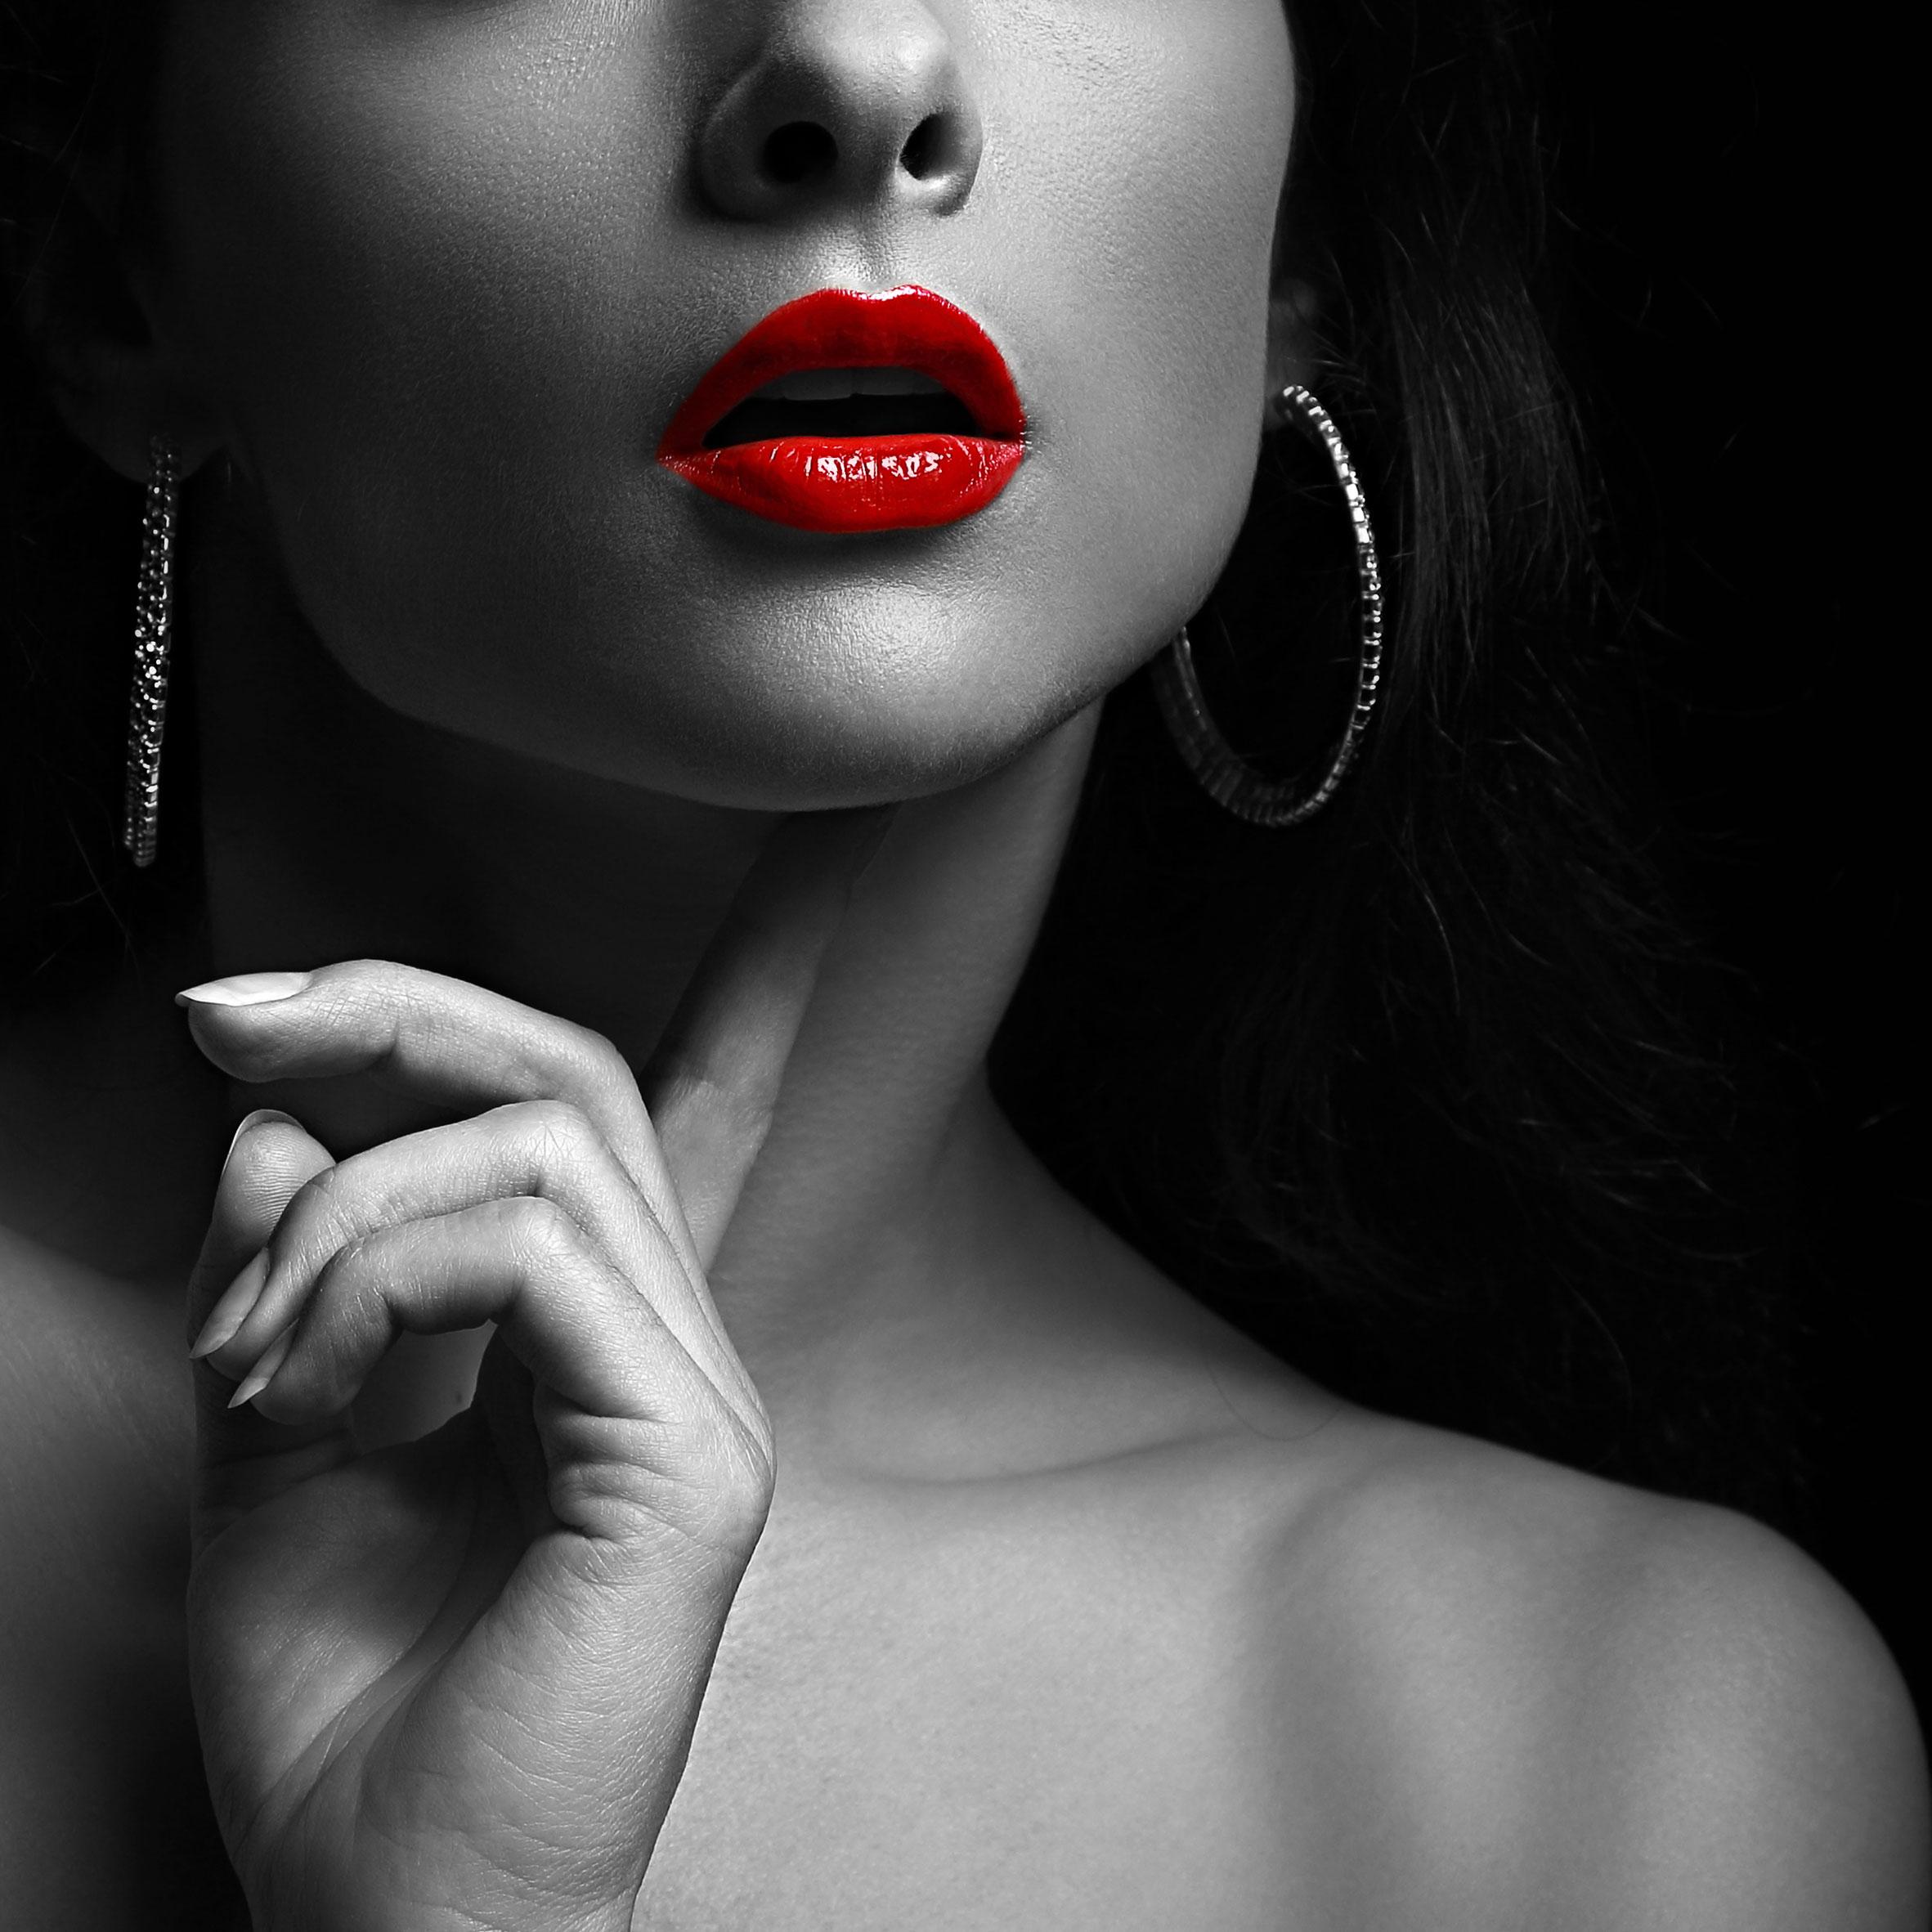 Как сделать фото черно белым с красными губами